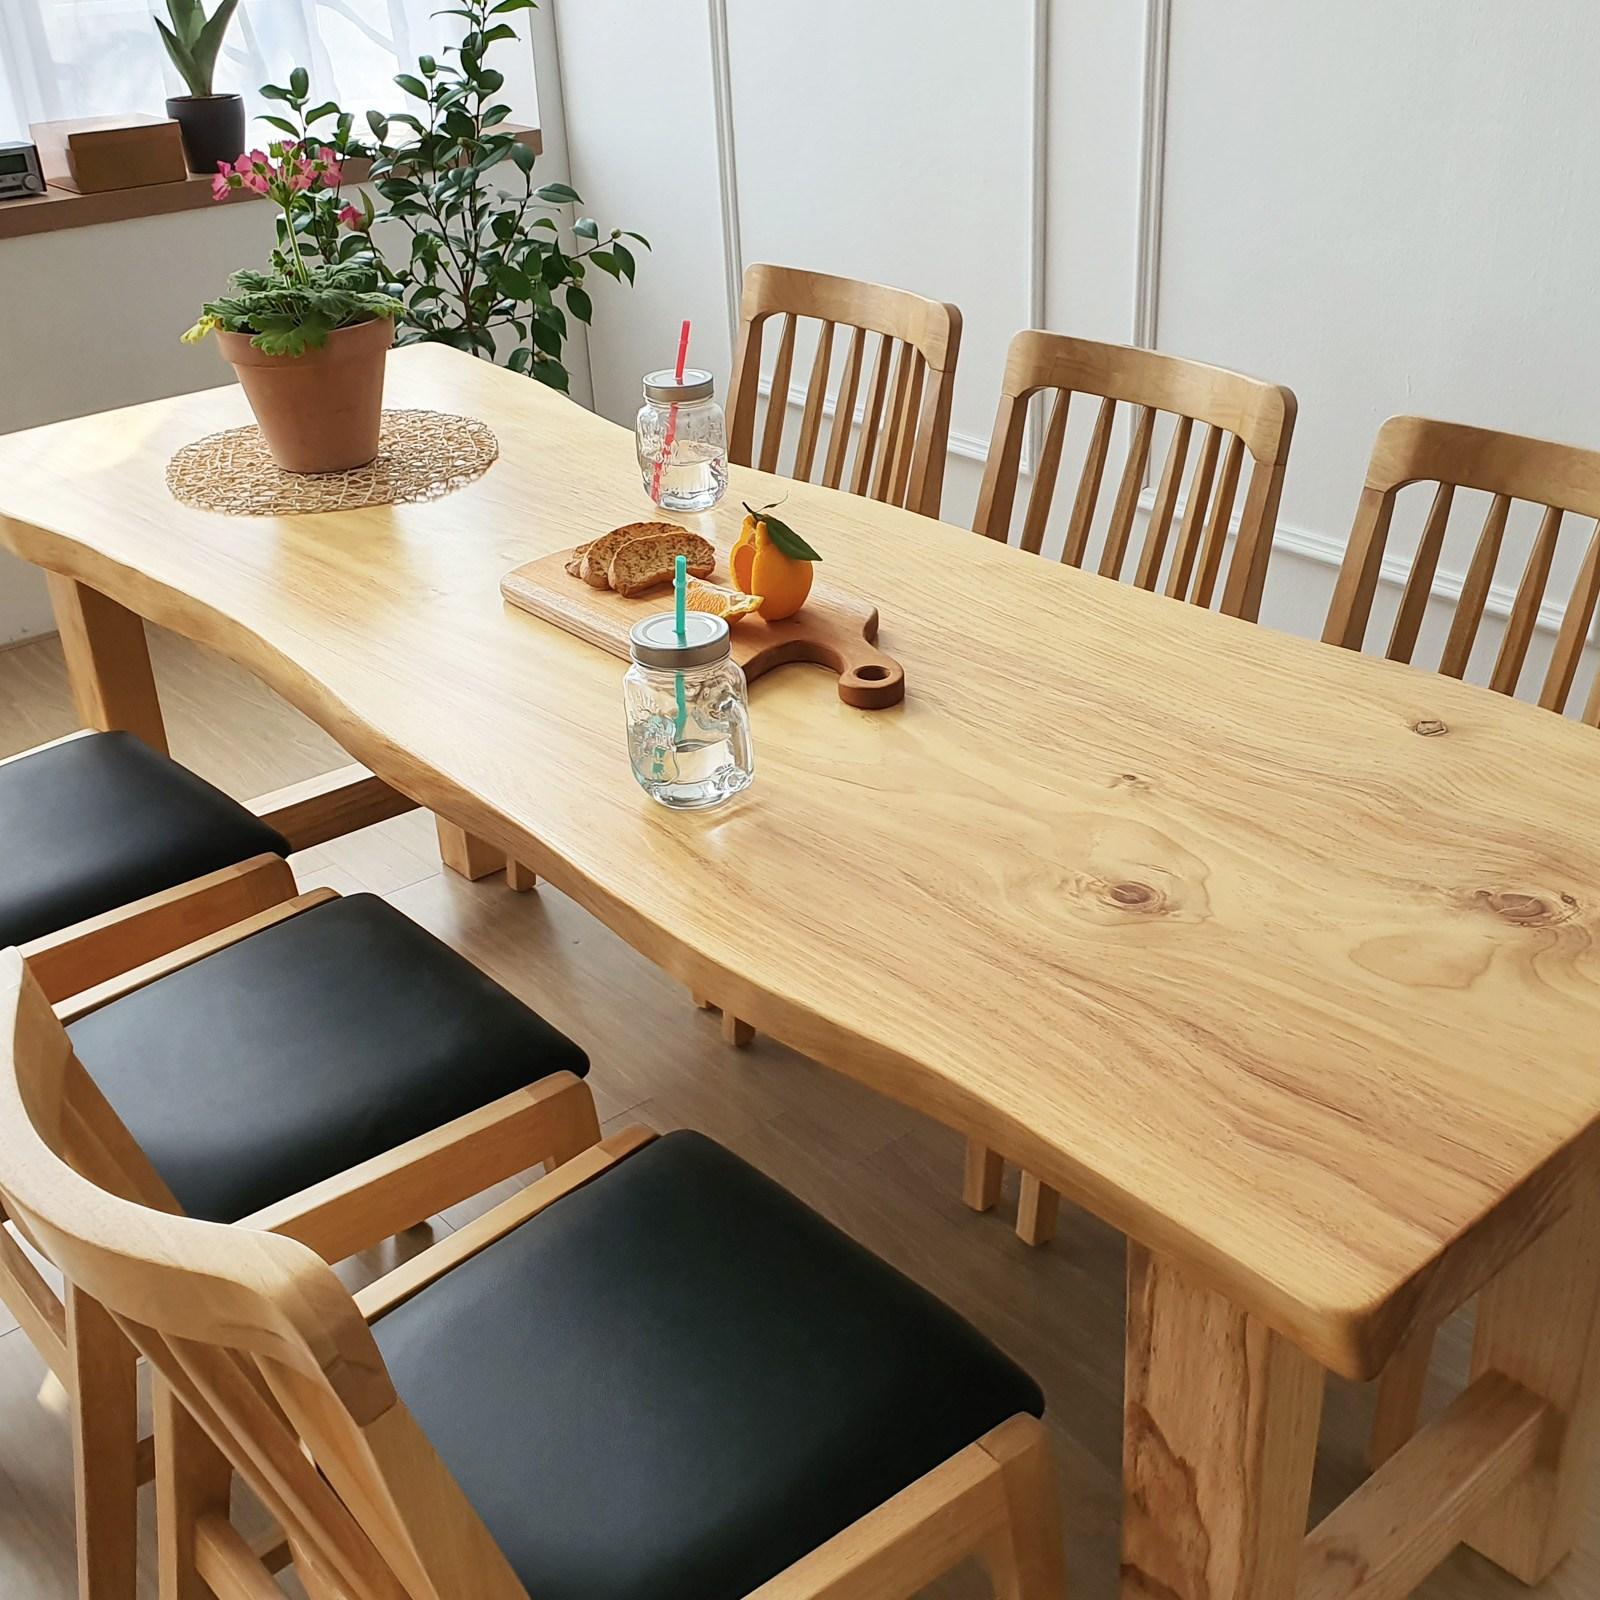 해찬솔 통원목 아트 원목식탁 테이블 2000_w700_tr 통원목다리 원목책상 우드슬랩 카페테이블, 베이지색